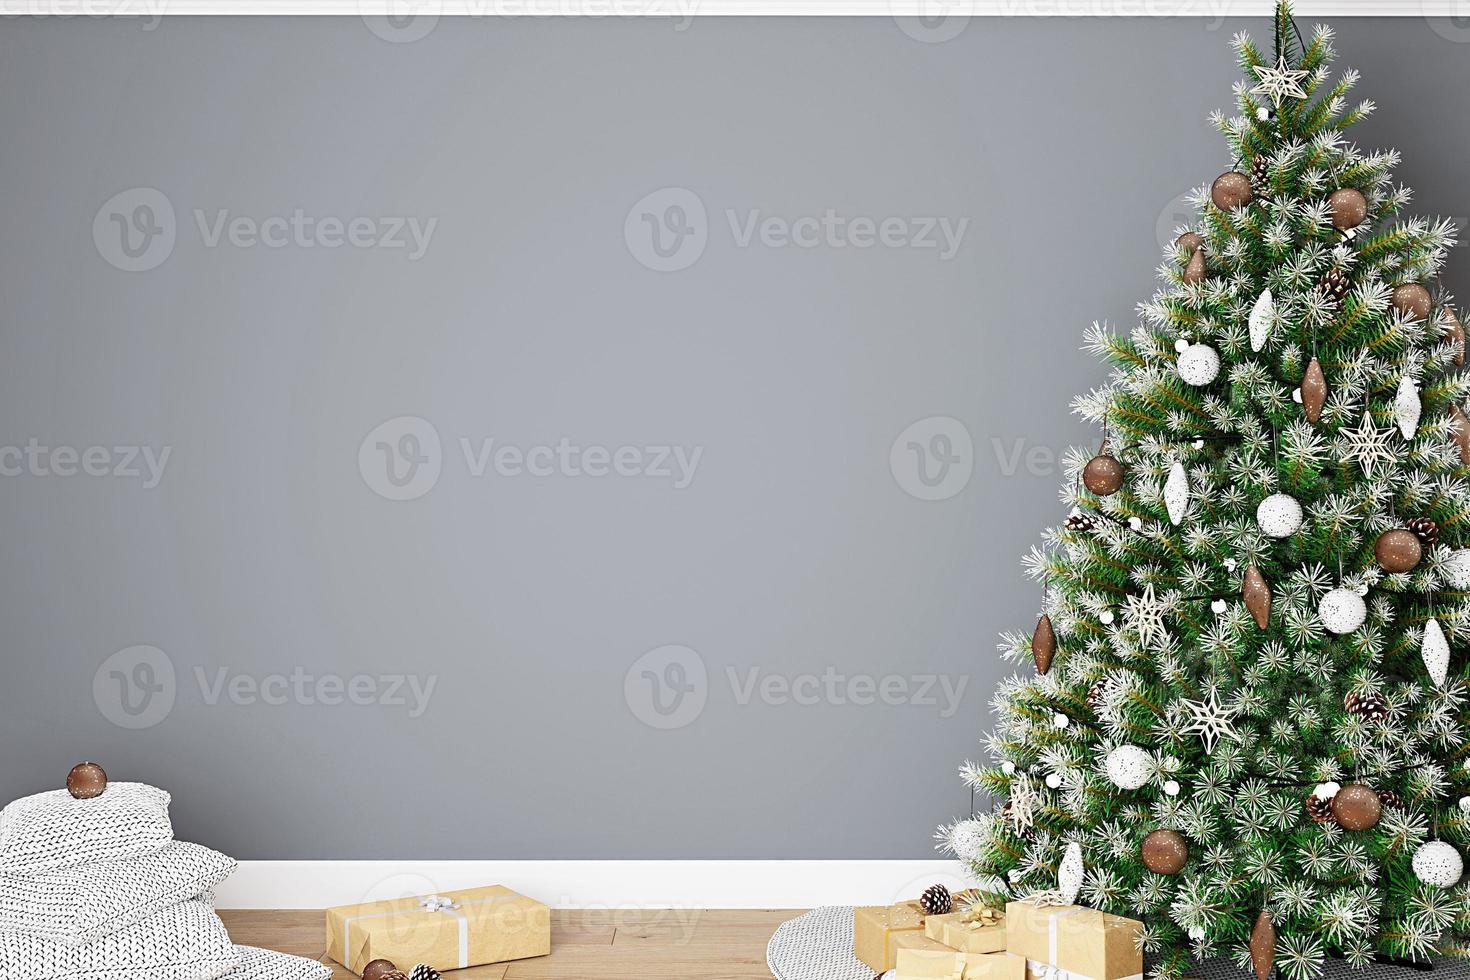 kerst mockup achtergrond -307 foto